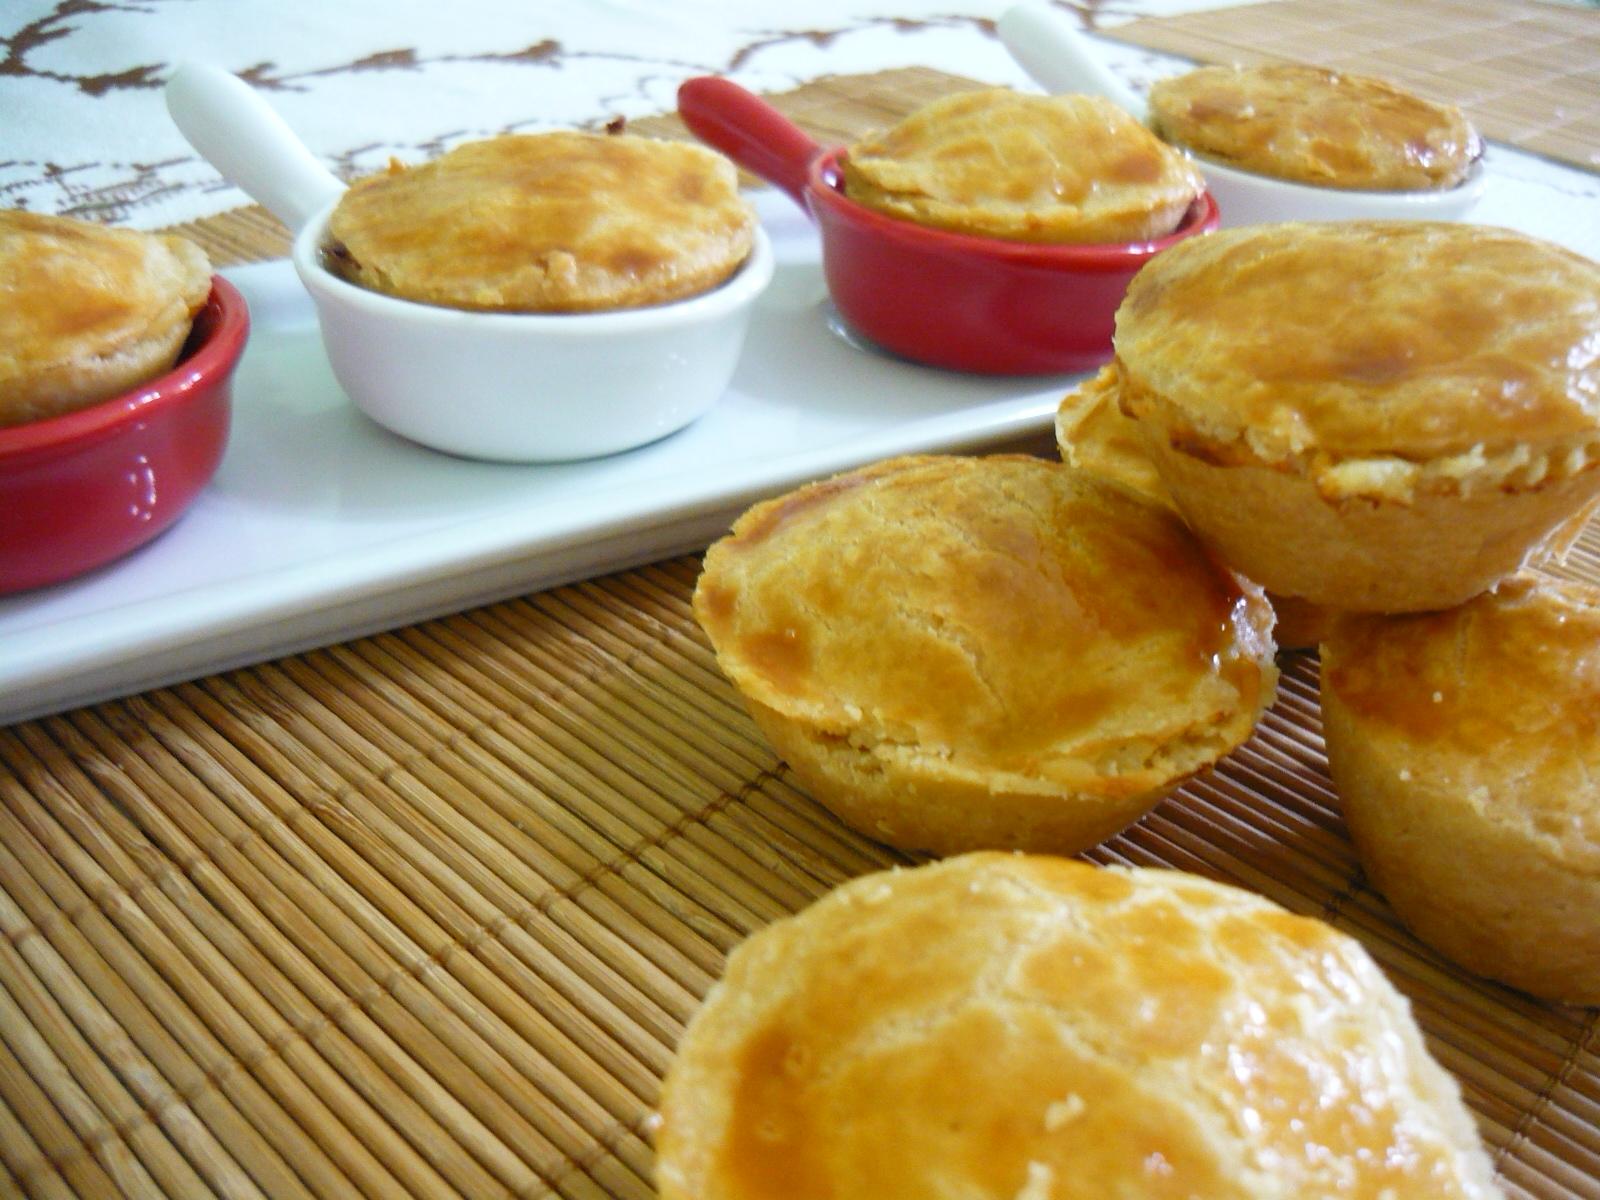 #743B15 Cozinha Santa: Empadinhas de Queijo e Milho da Palmirinha 1600x1200 px Programa Cozinha Brasil Receitas_3936 Imagens